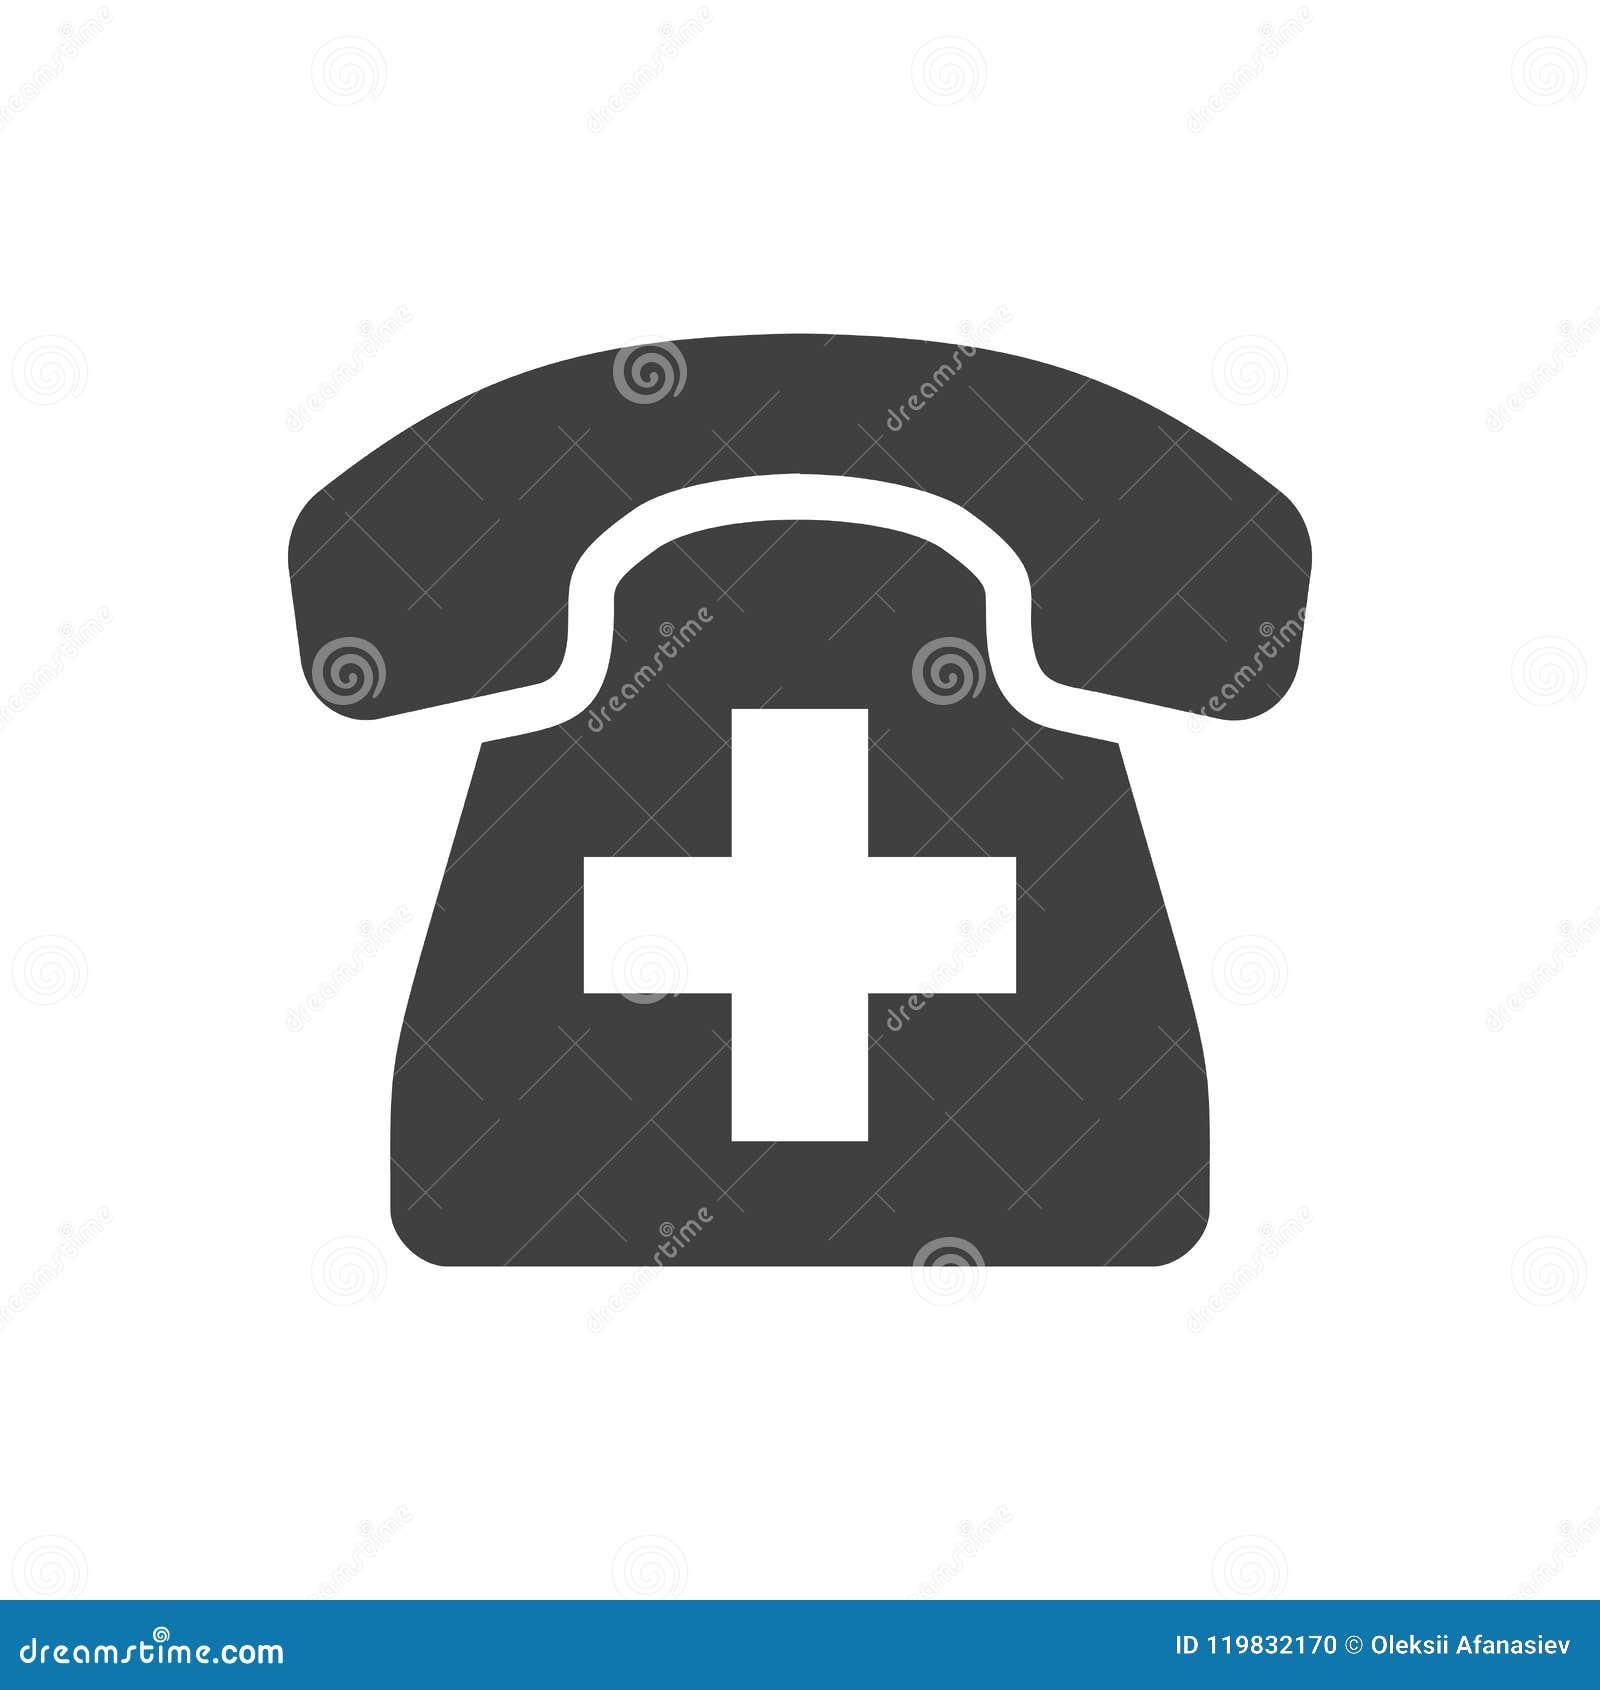 Emergency Phone Vector Icon